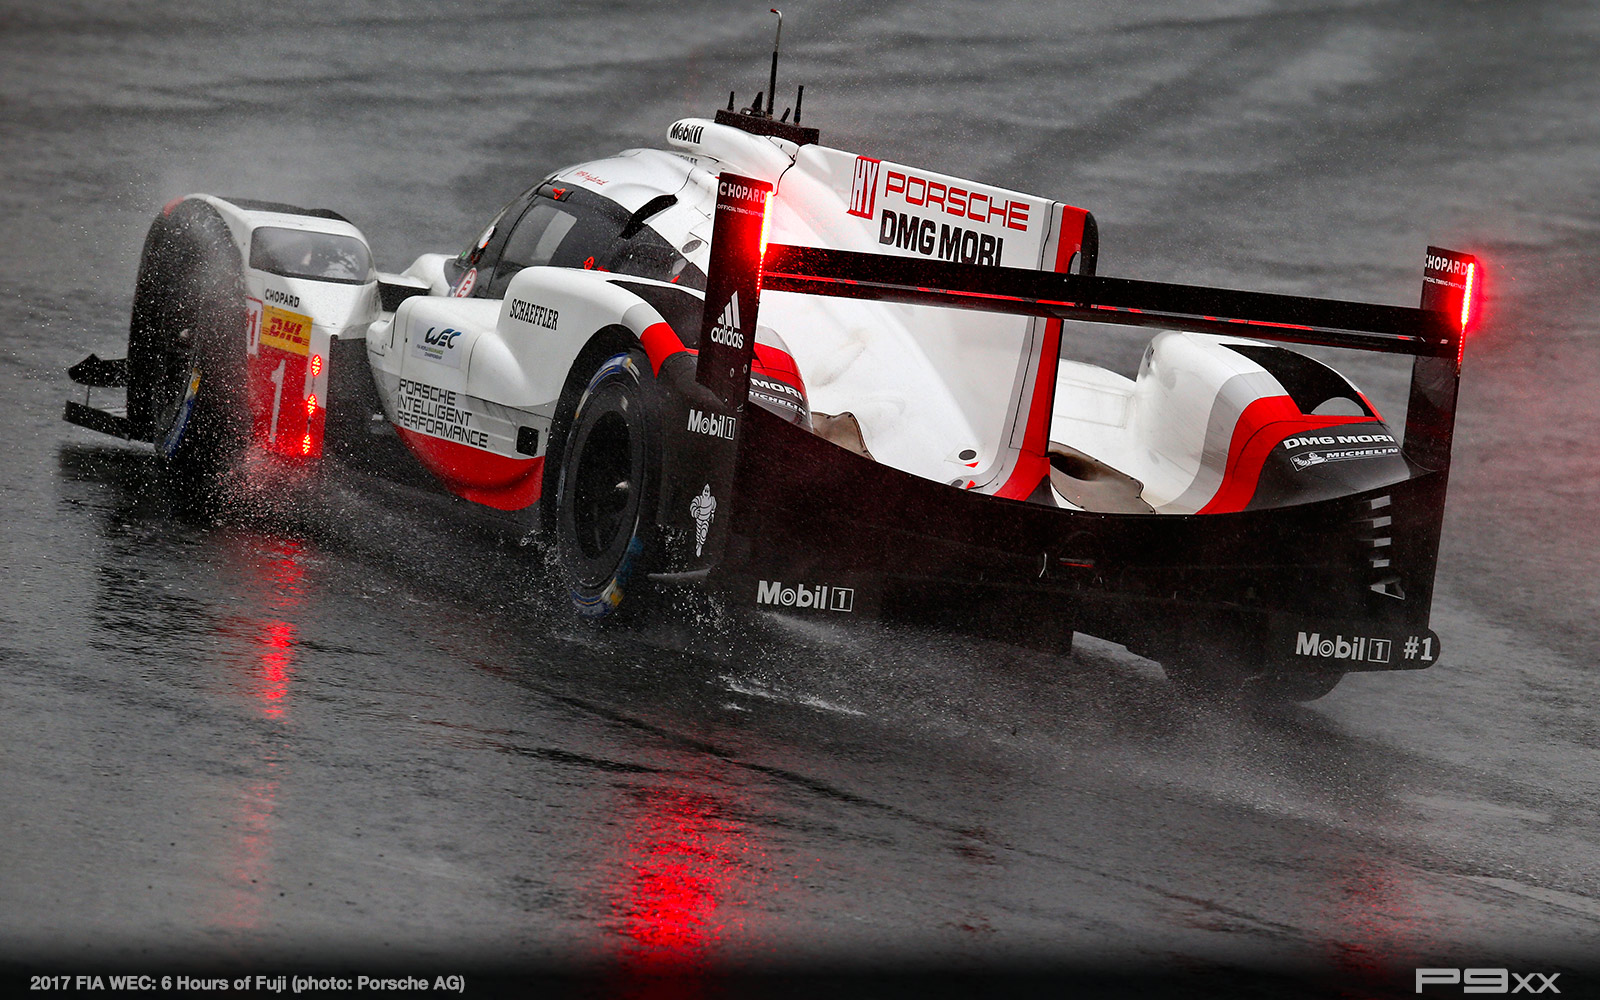 2017-FIA-WEC-6h-of-Fuji-Porsche-447